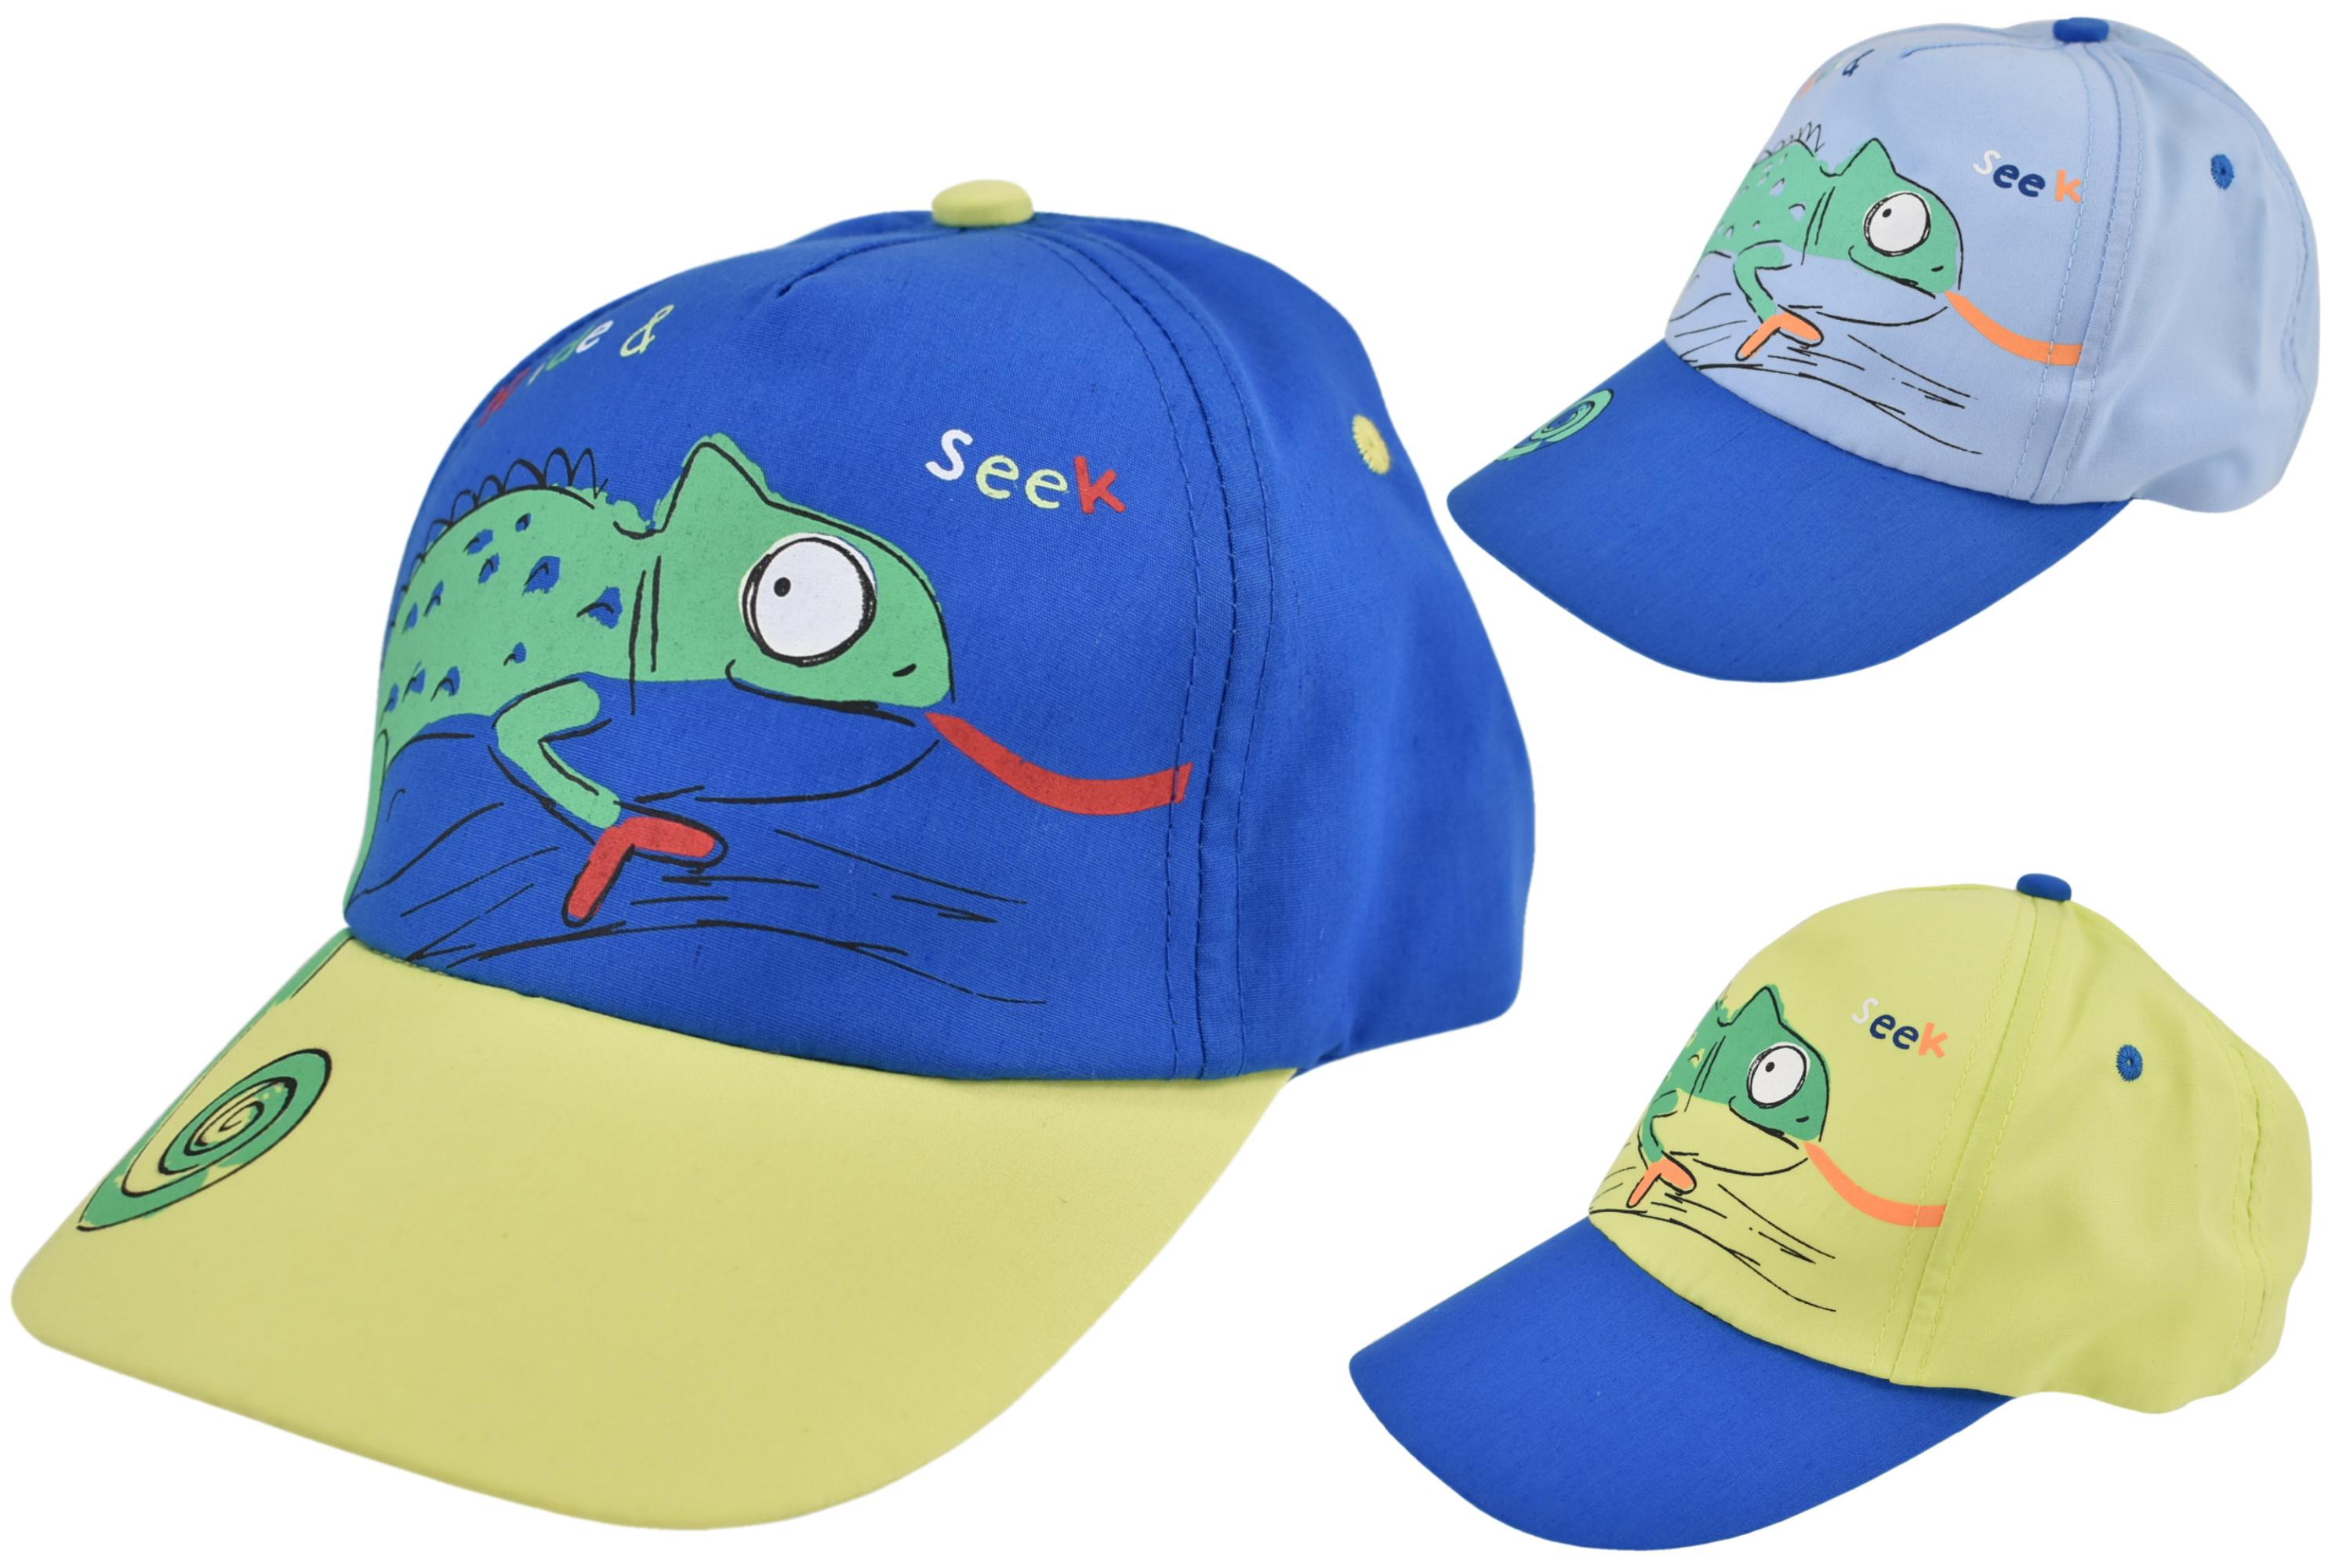 Kids Baseball Cap With Lizard Design 52cm 3 Asst Colour